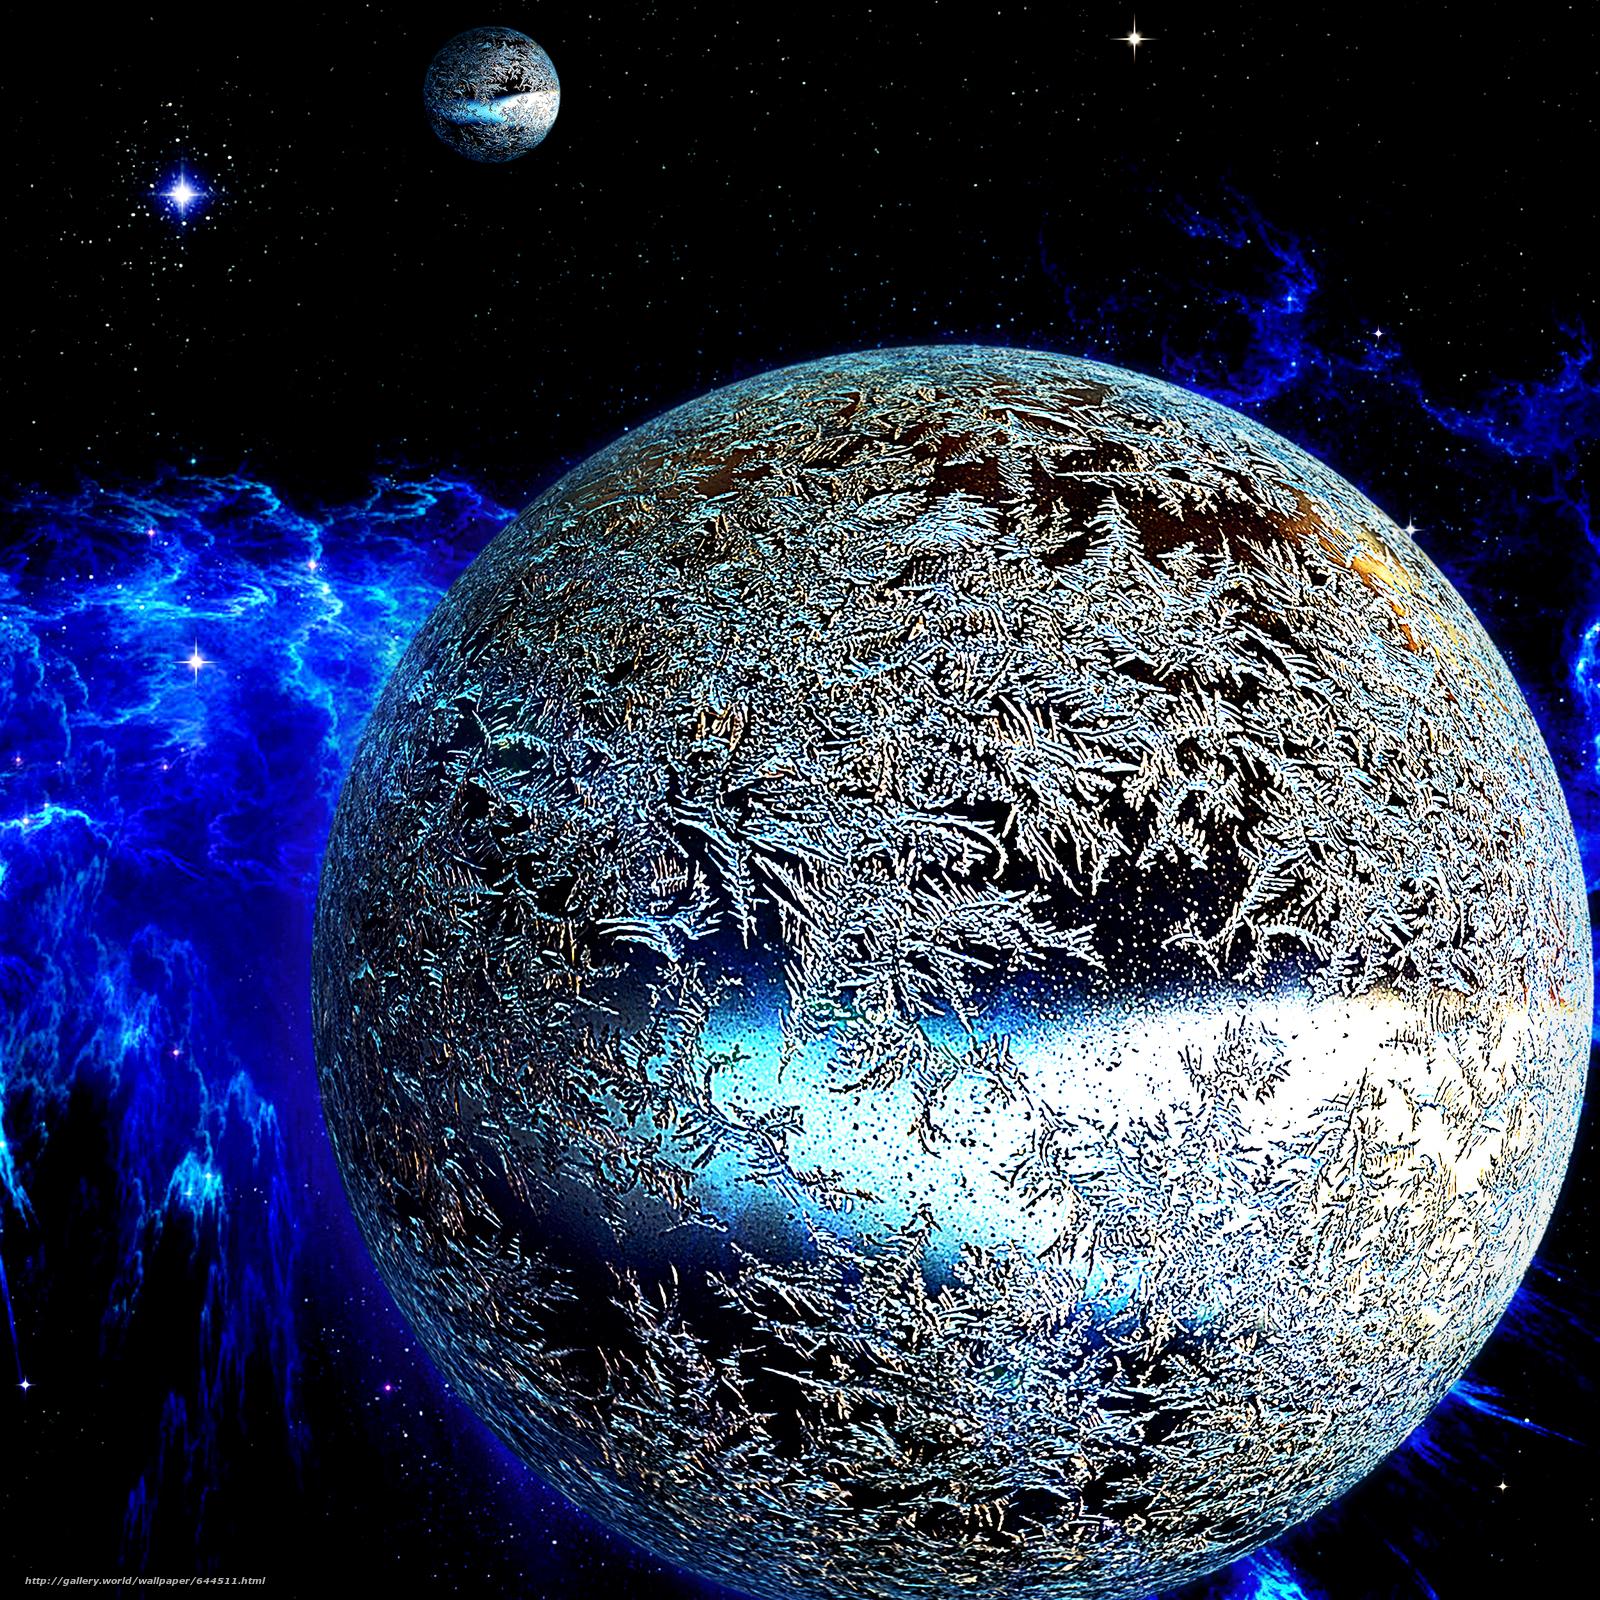 Скачать обои космос,  планеты,  3d,  art бесплатно для рабочего стола в разрешении 2500x2500 — картинка №644511